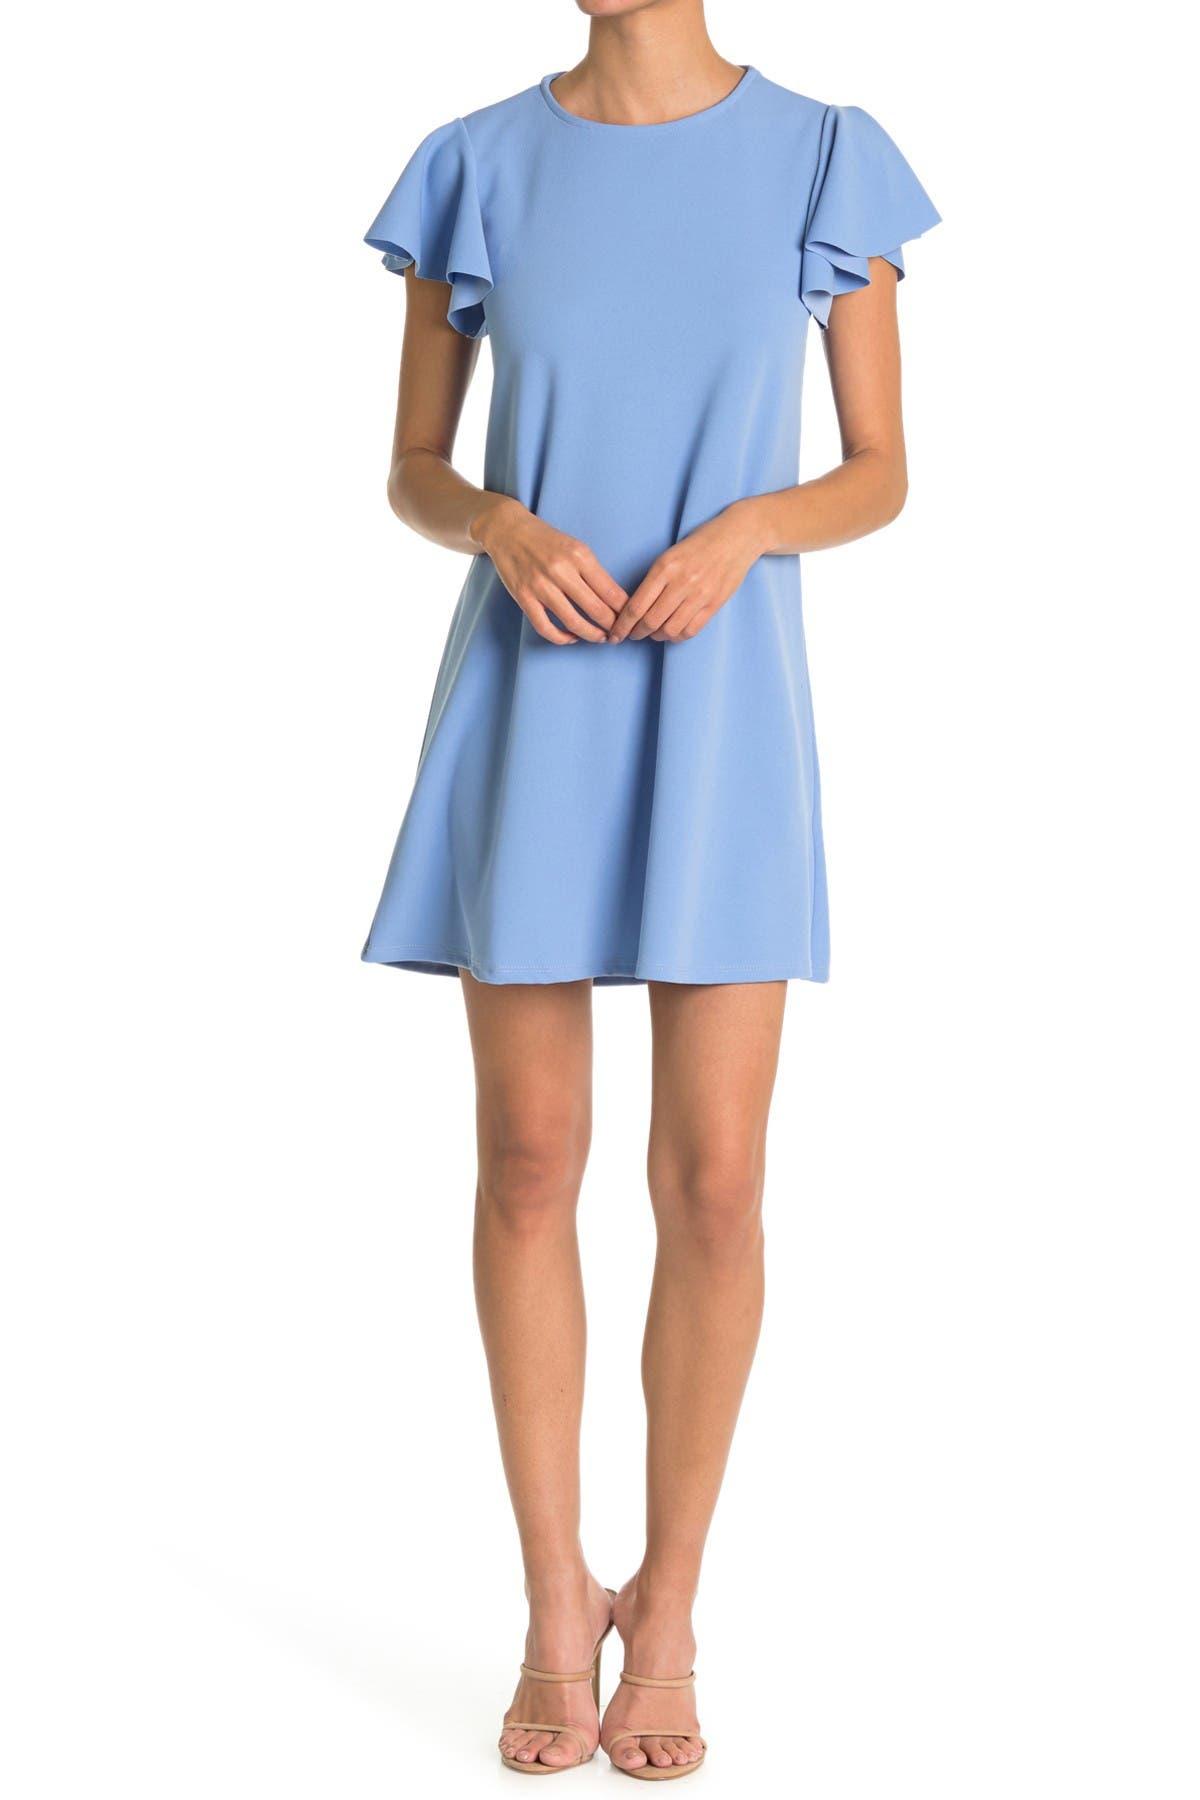 Image of TASH + SOPHIE Flutter Sleeve Scuba Crepe Dress